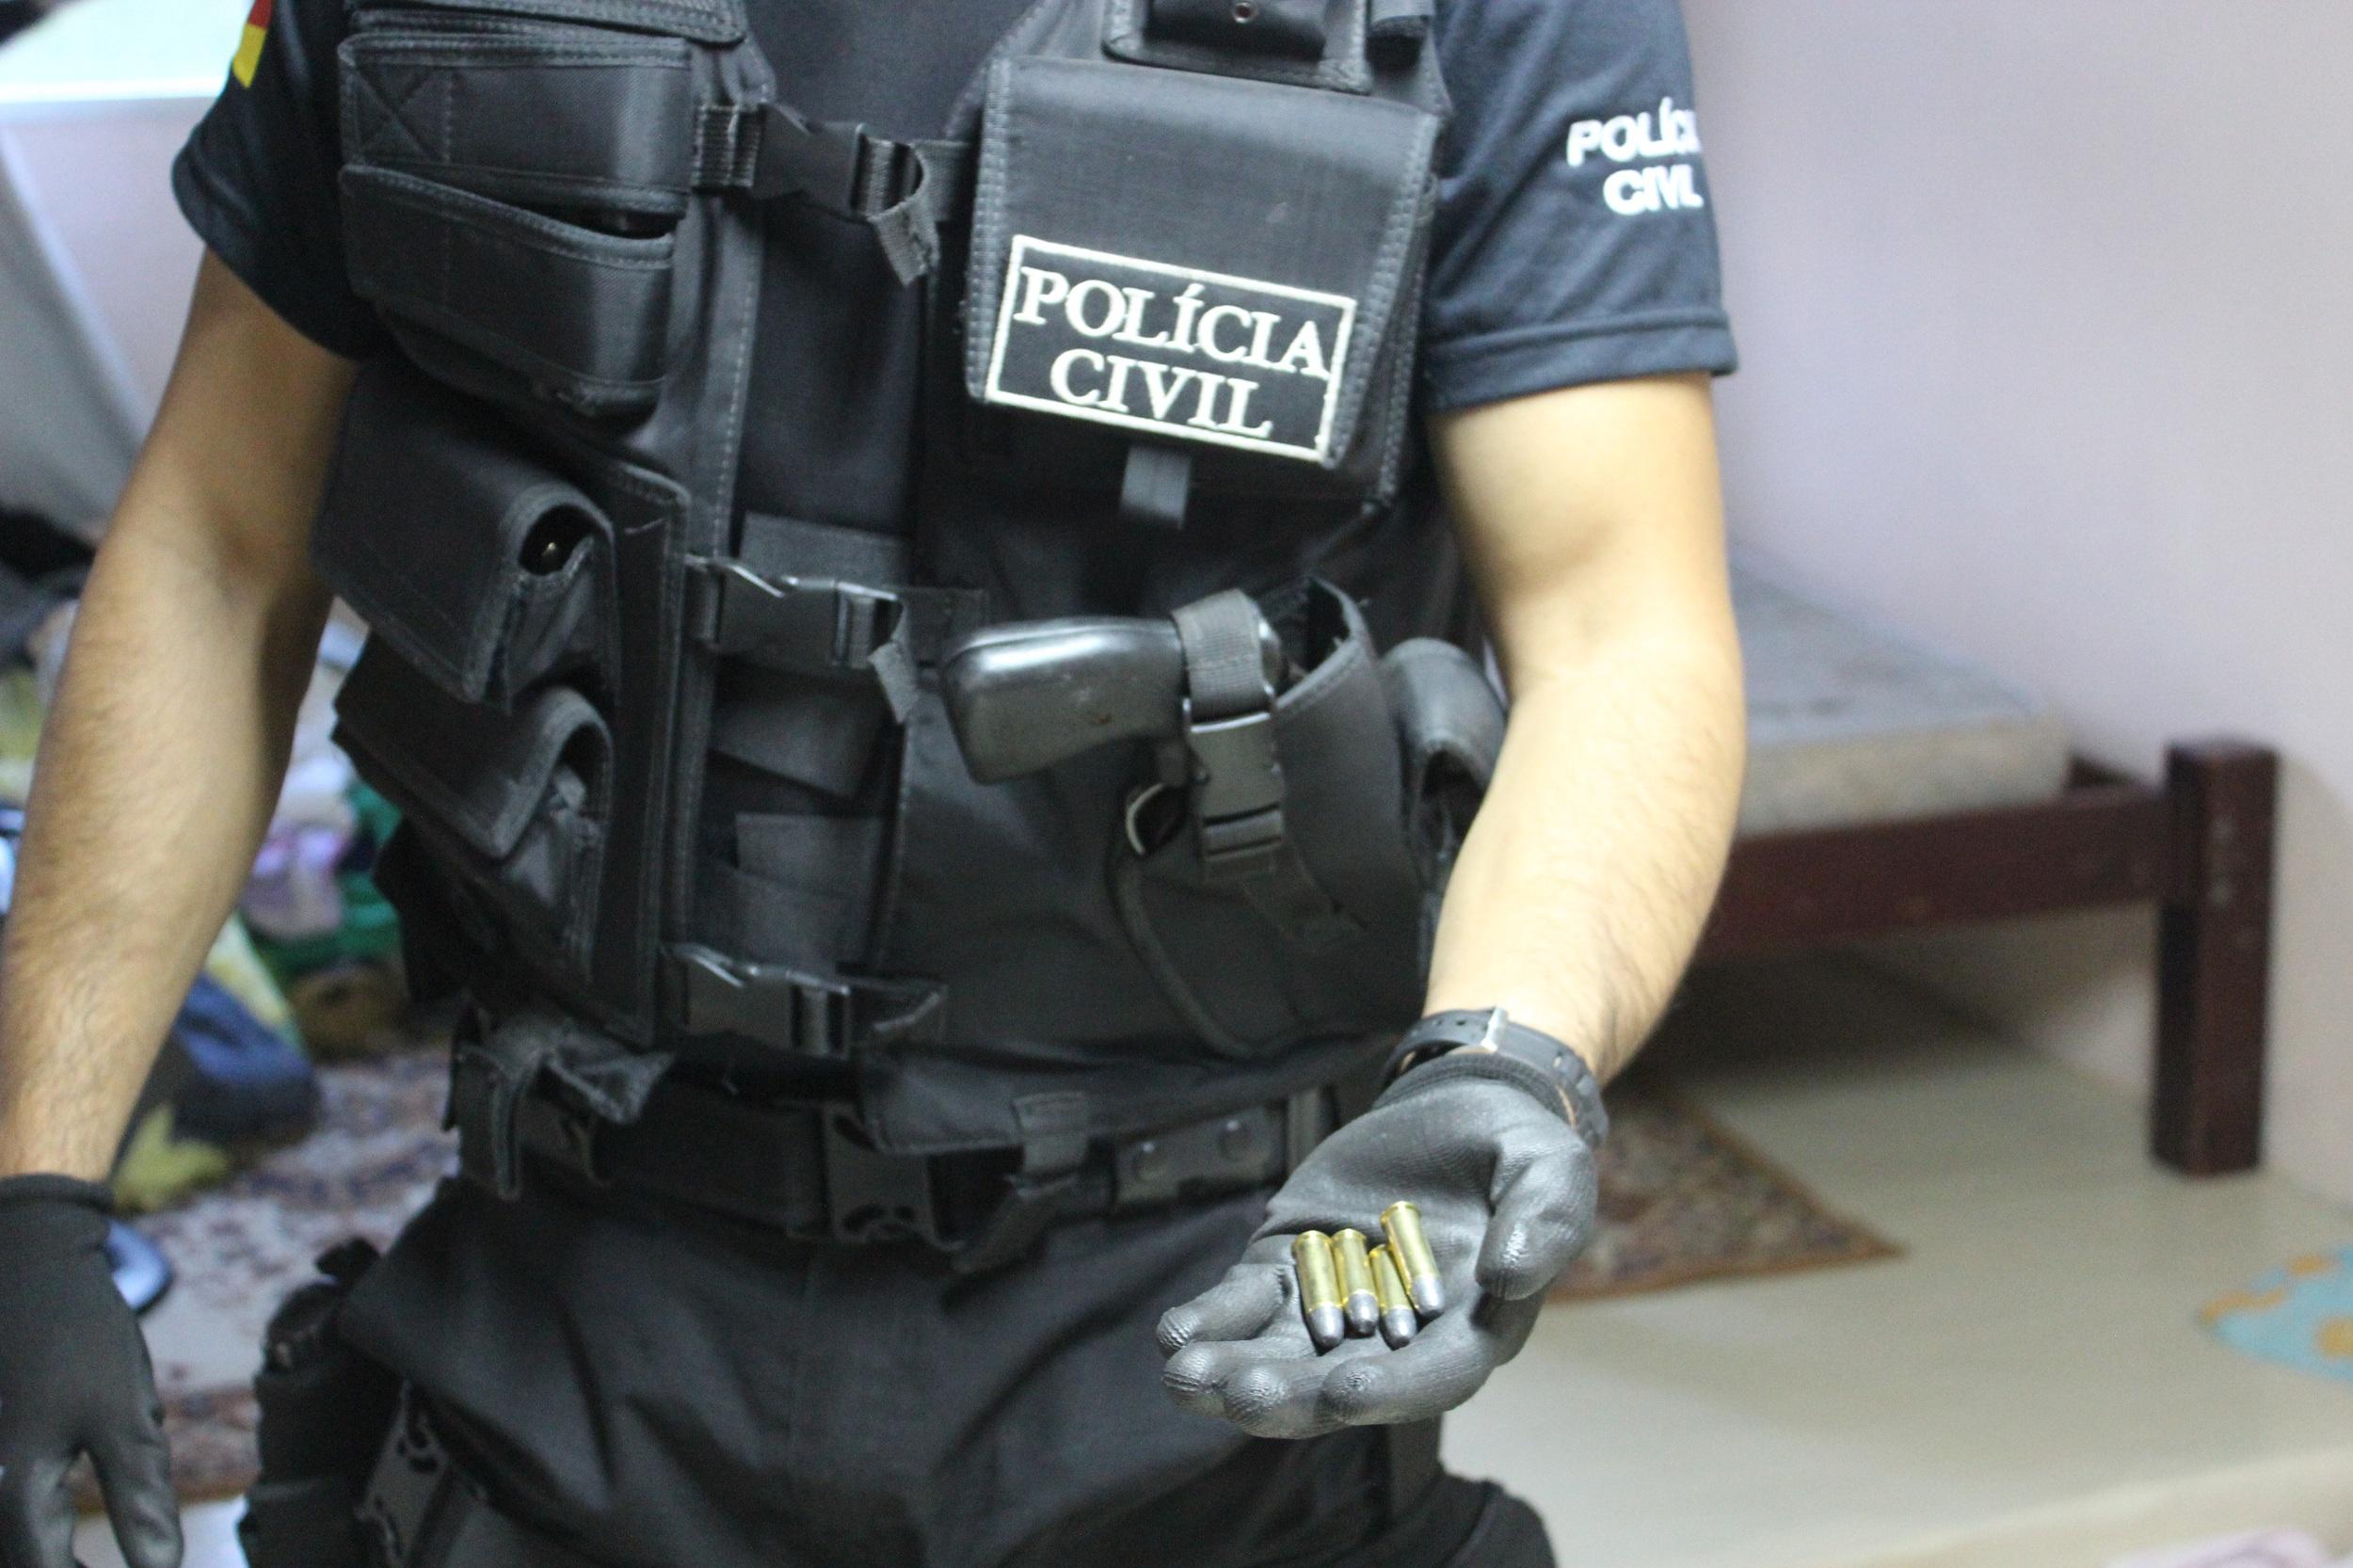 policia-civil-concurso-como-entrar